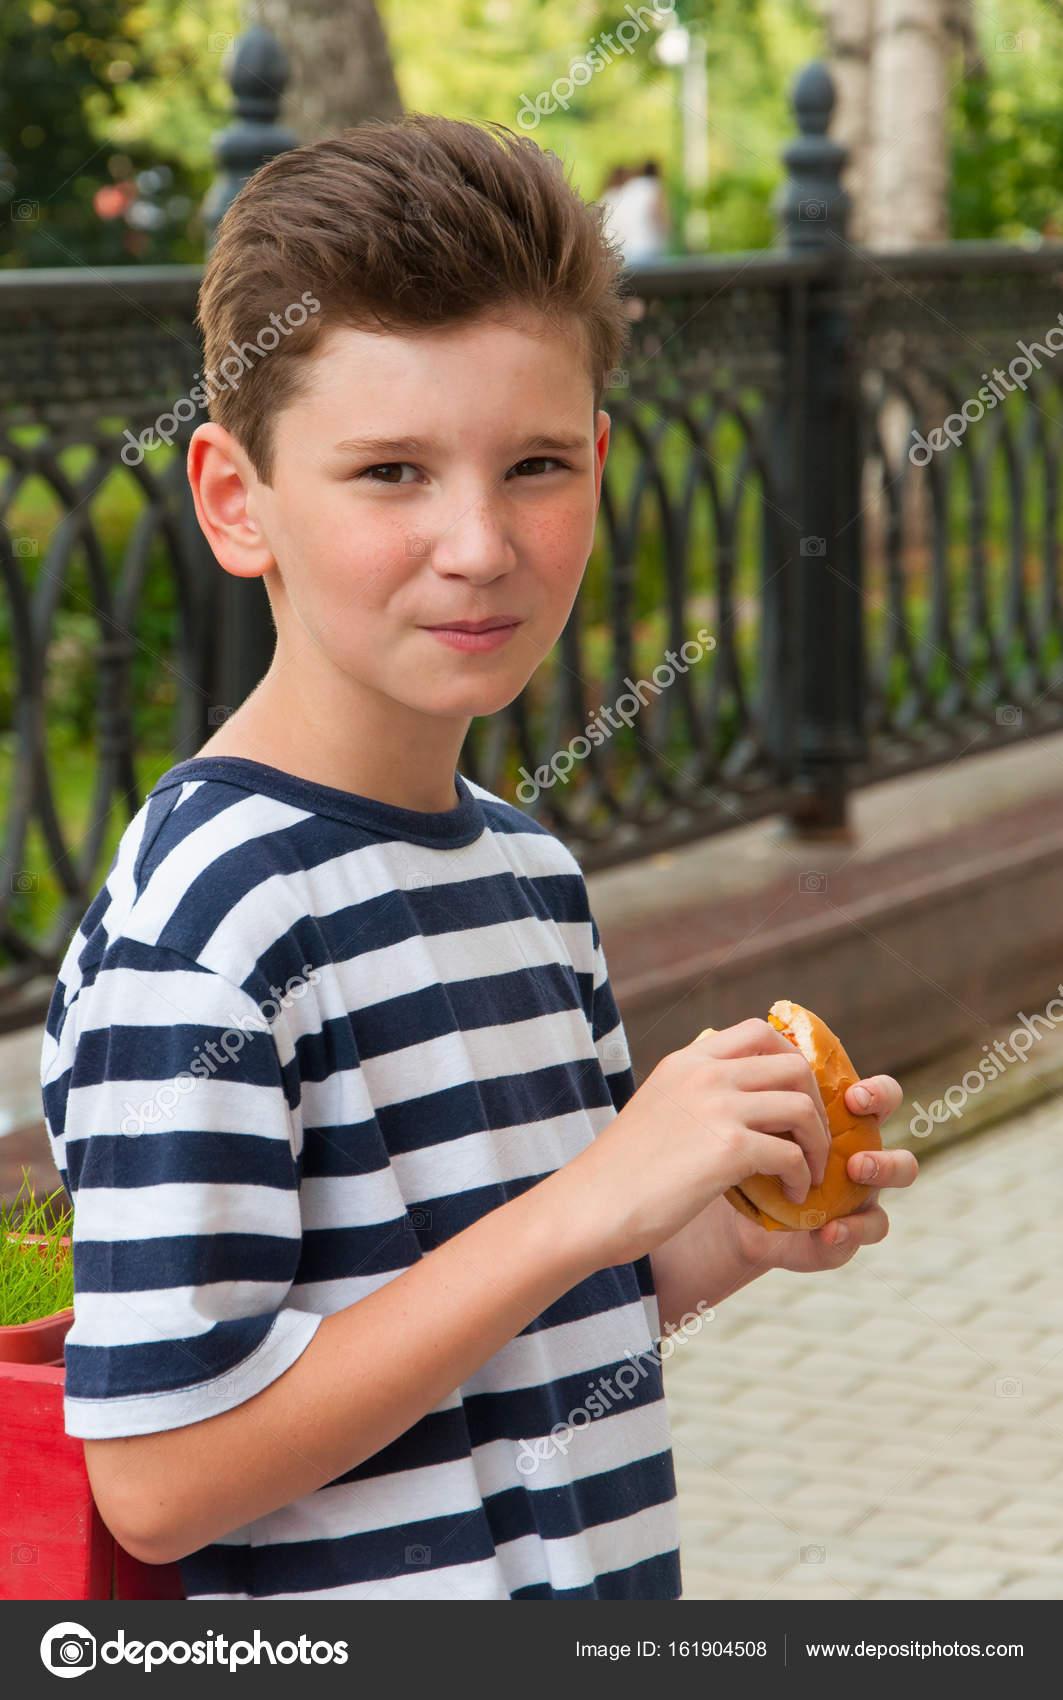 Młody Chłopak Uśmiechający Się Modne Fryzury I Burger